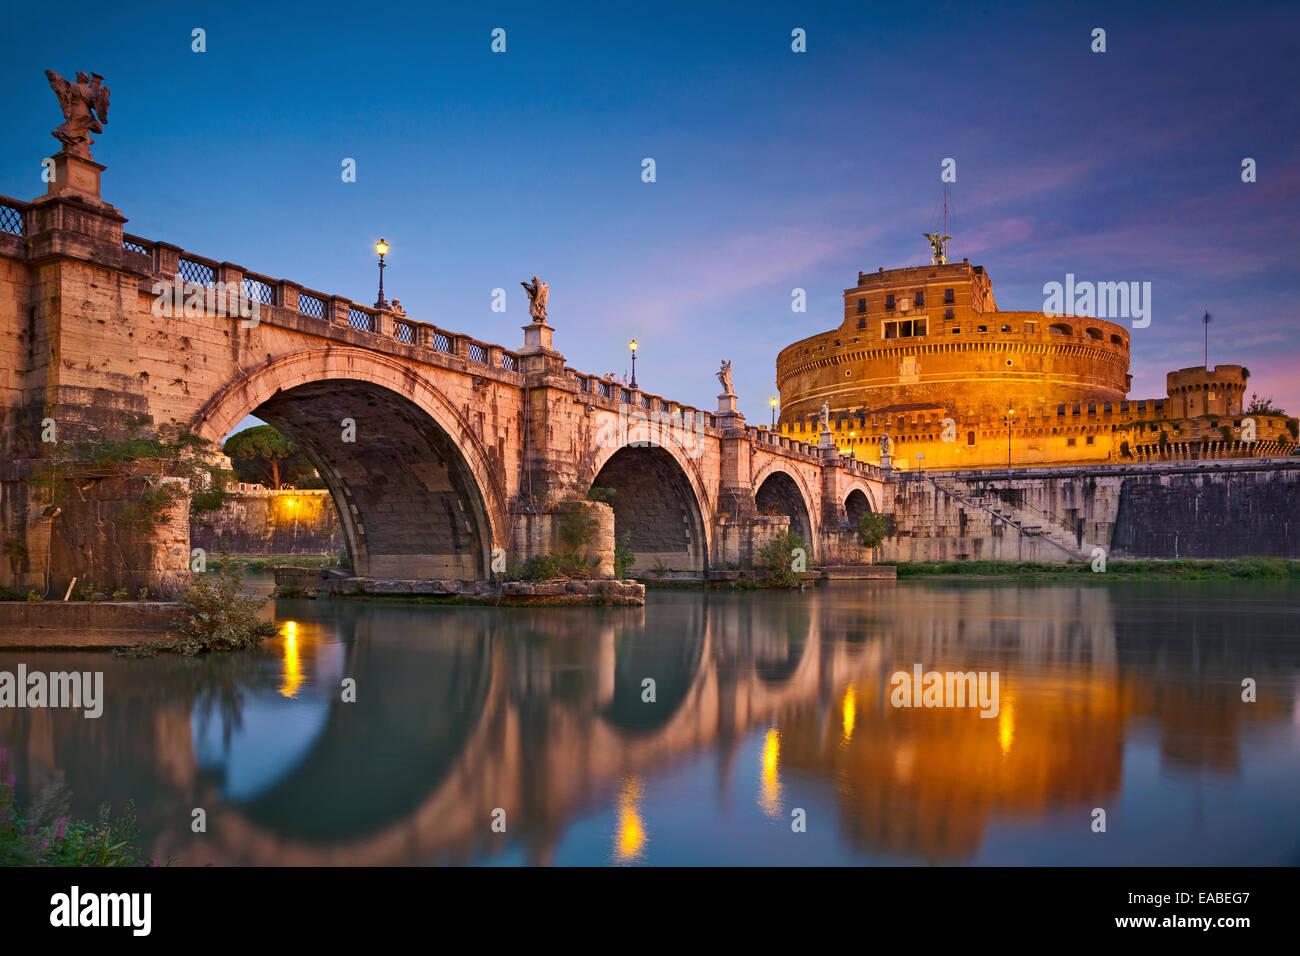 Roma. Immagine del castello di Santo Angelo e di Santo Angelo ponte sopra il fiume Tevere a Roma presso sunrise. Foto Stock